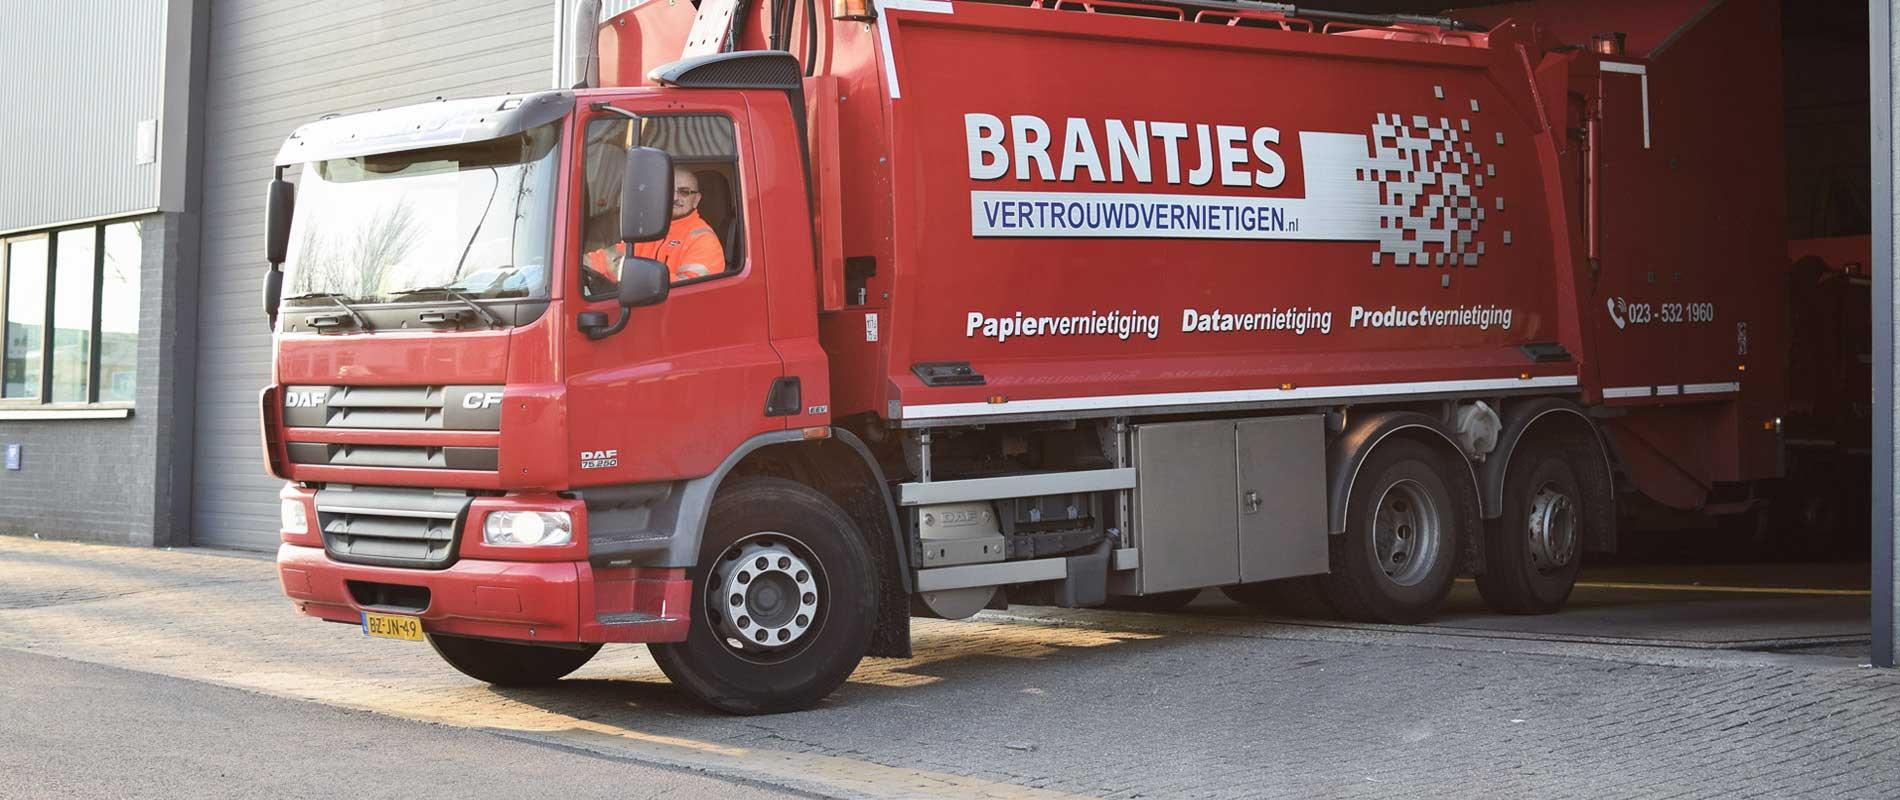 beveiligde-vrachtwagen-papiervernietiging-archiefvernietiging-brantjes-uitgelicht-low